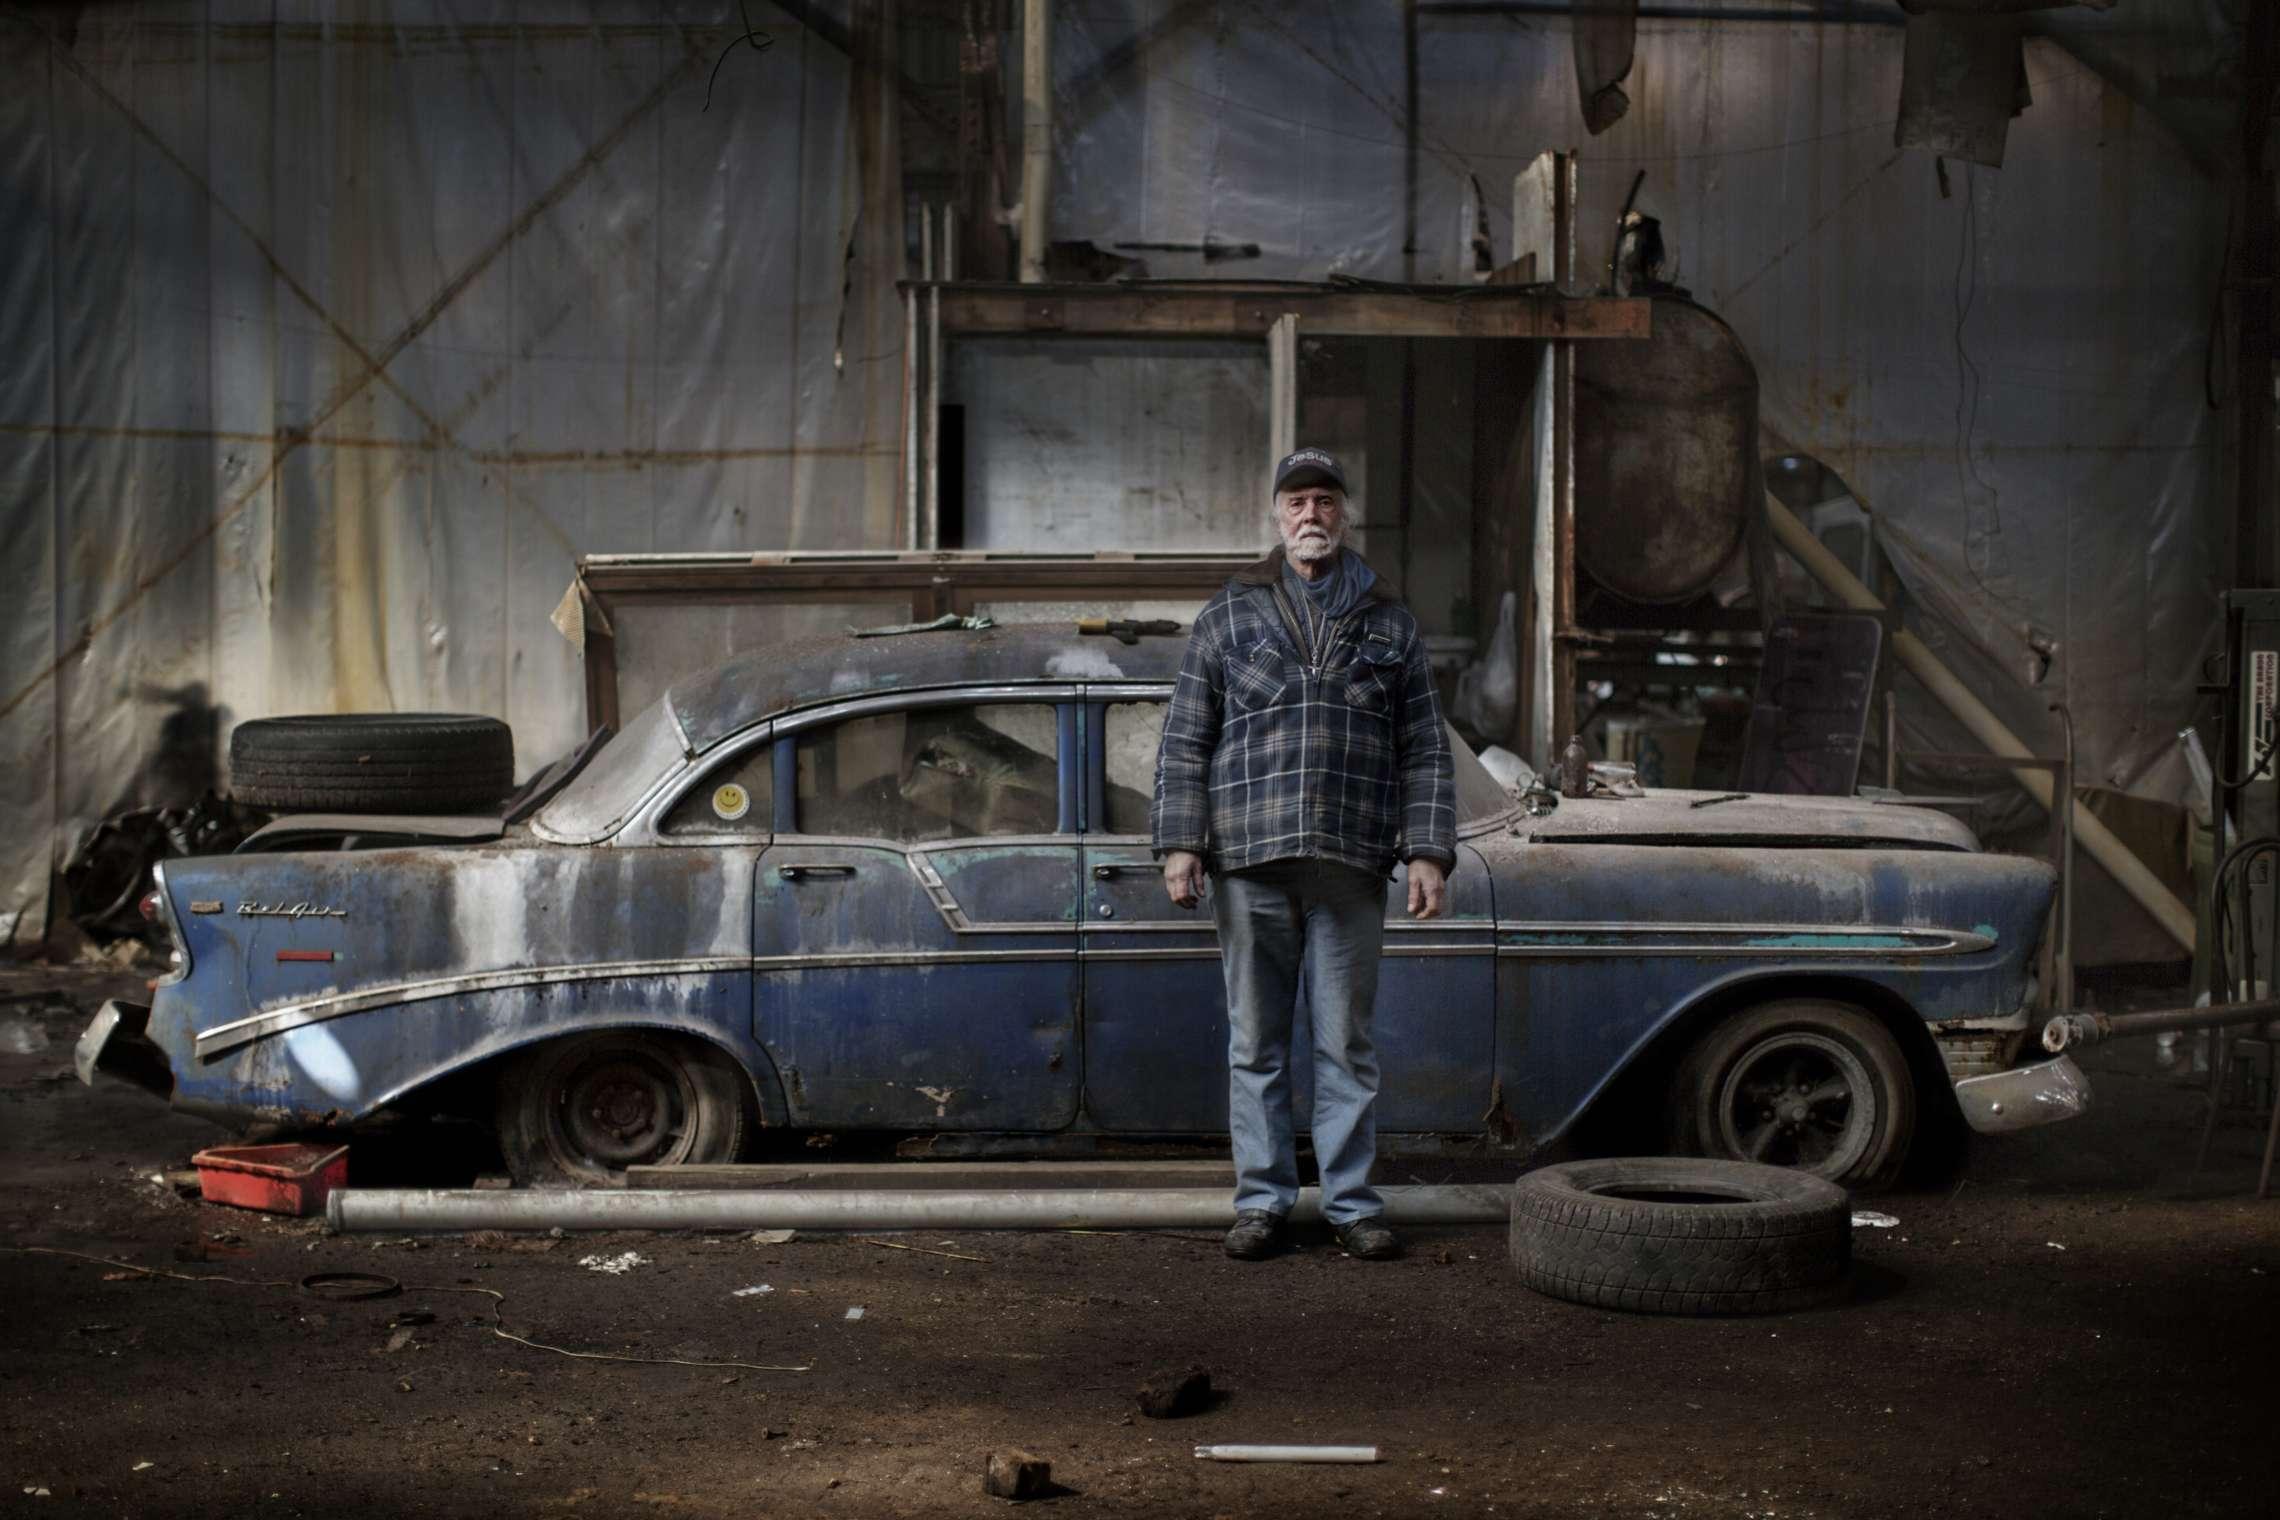 00619 08. Dokumentar utland 21.03.2014 09/10 Livet blant ruinene Allan Hill lever i en av de største ruinene i Detroit, Packard Plant. Fabrikken produserte biler fra 1903 og var da den åpnet den mest moderne bilfabrikk i verden. I 1958 stengte fabrikken, og selv om andre bedrifter brukte bygningene, har den stått helt forlatt siden begynnelsen av 1990-tallet. Allan er en selvutnevnt vaktmester i den 325.000 kvadratmeter store ruinen. Detroit var stedet hvor middelklassen ble skapt, mye takket være bilindustrien med Ford og General Motors i spissen. Hundretusener flyttet til byen, og den vokste raskt, og med gode lønninger og arbeid for alle, vokste forbruket. Men klasseskille, rasisme, opptøyer, korrupsjon og ikke minst stigende arbeidsledighet fra 1970-tallet førte til at mange forlot den en gang så pulserende byen. Tilbake sto tomme fabrikker, boliger, butikker, skoler, sykehus og andre offentlige bygninger. På begynnelsen av 1950-tallet bodde det over 1,8 millioner mennesker i Detroit, i dag rundt 700.000. I juli 2013 gikk byen konkurs, den største bykonkursen i amerikansk historie. Serien ble påbegynt i 2014 og avsluttet i 2015.